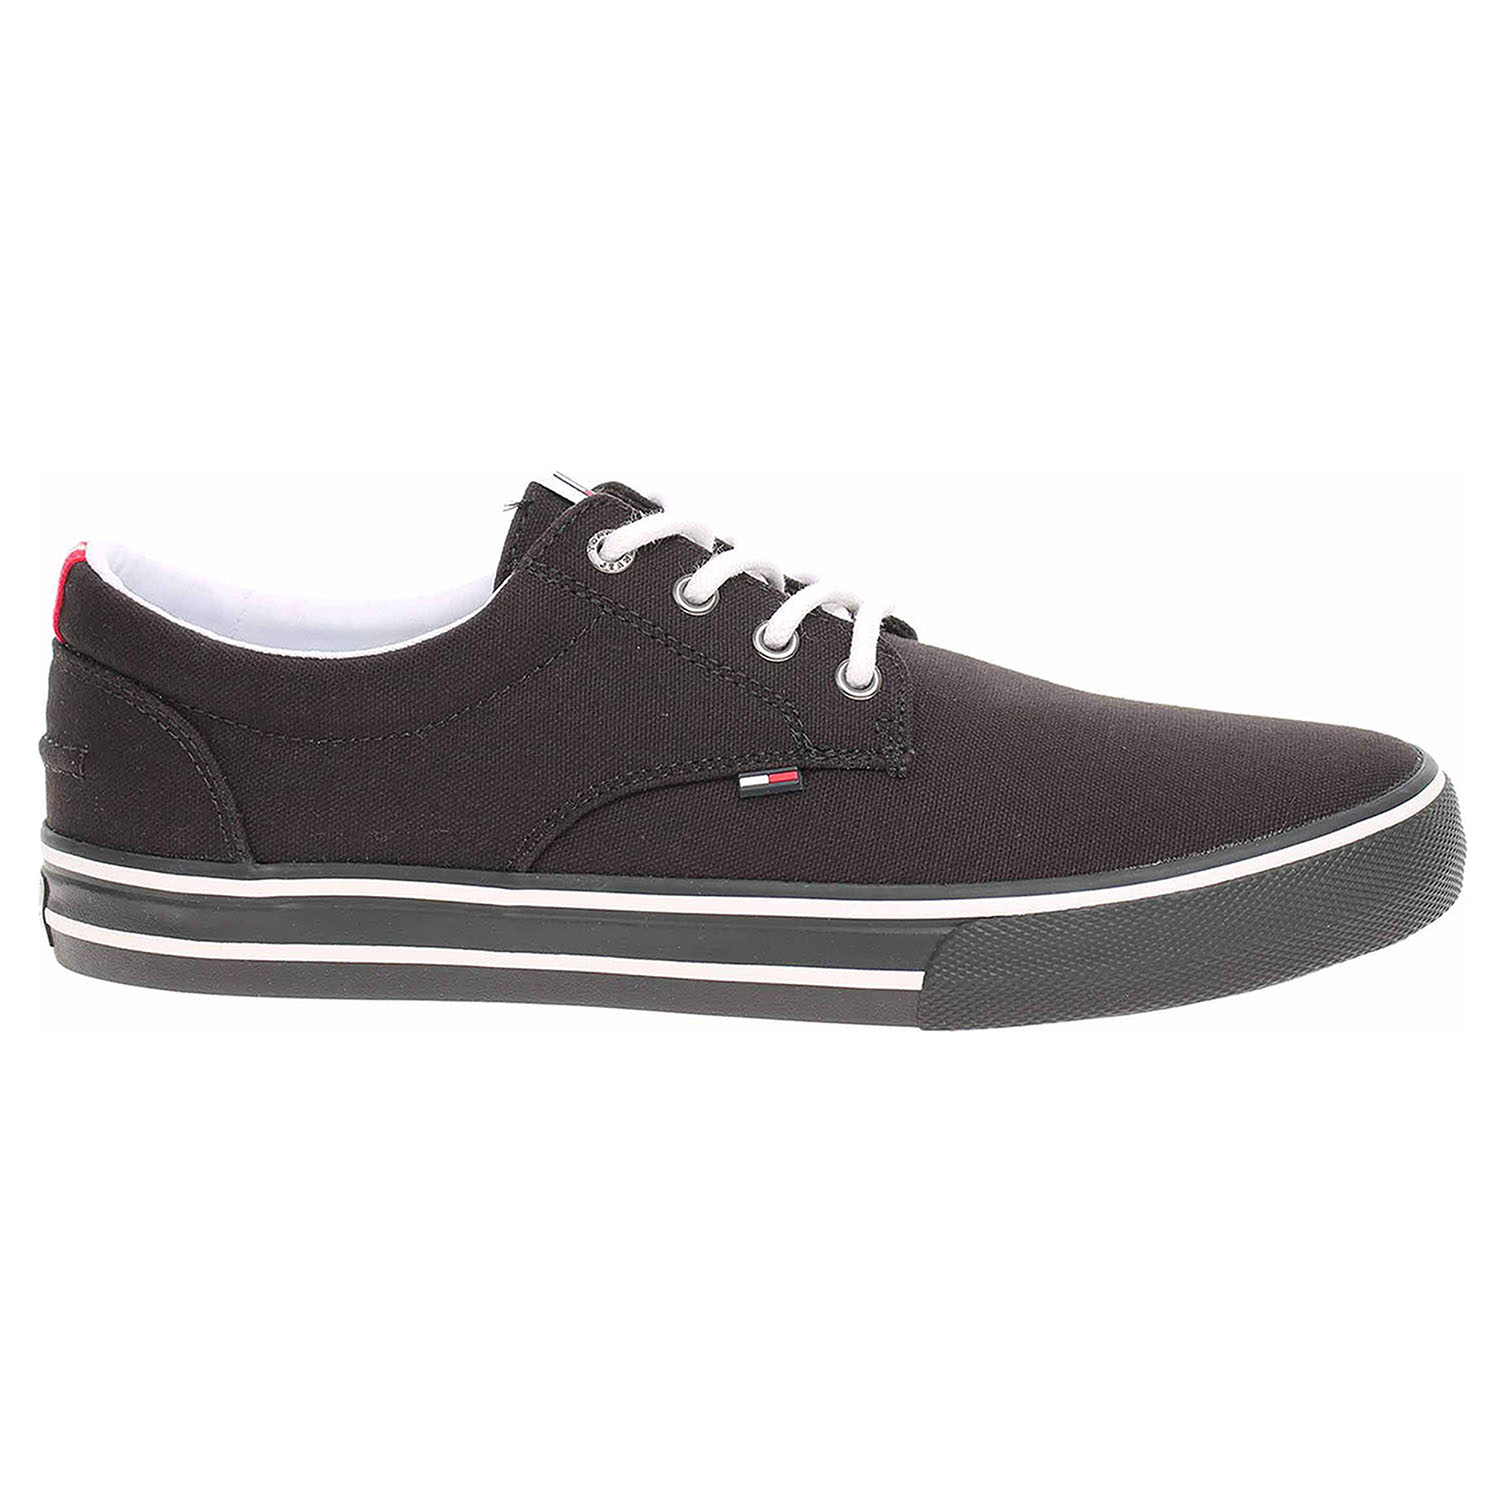 Pánská obuv Tommy Hilfiger EM0EM00001 black EM0EM00001 990 47